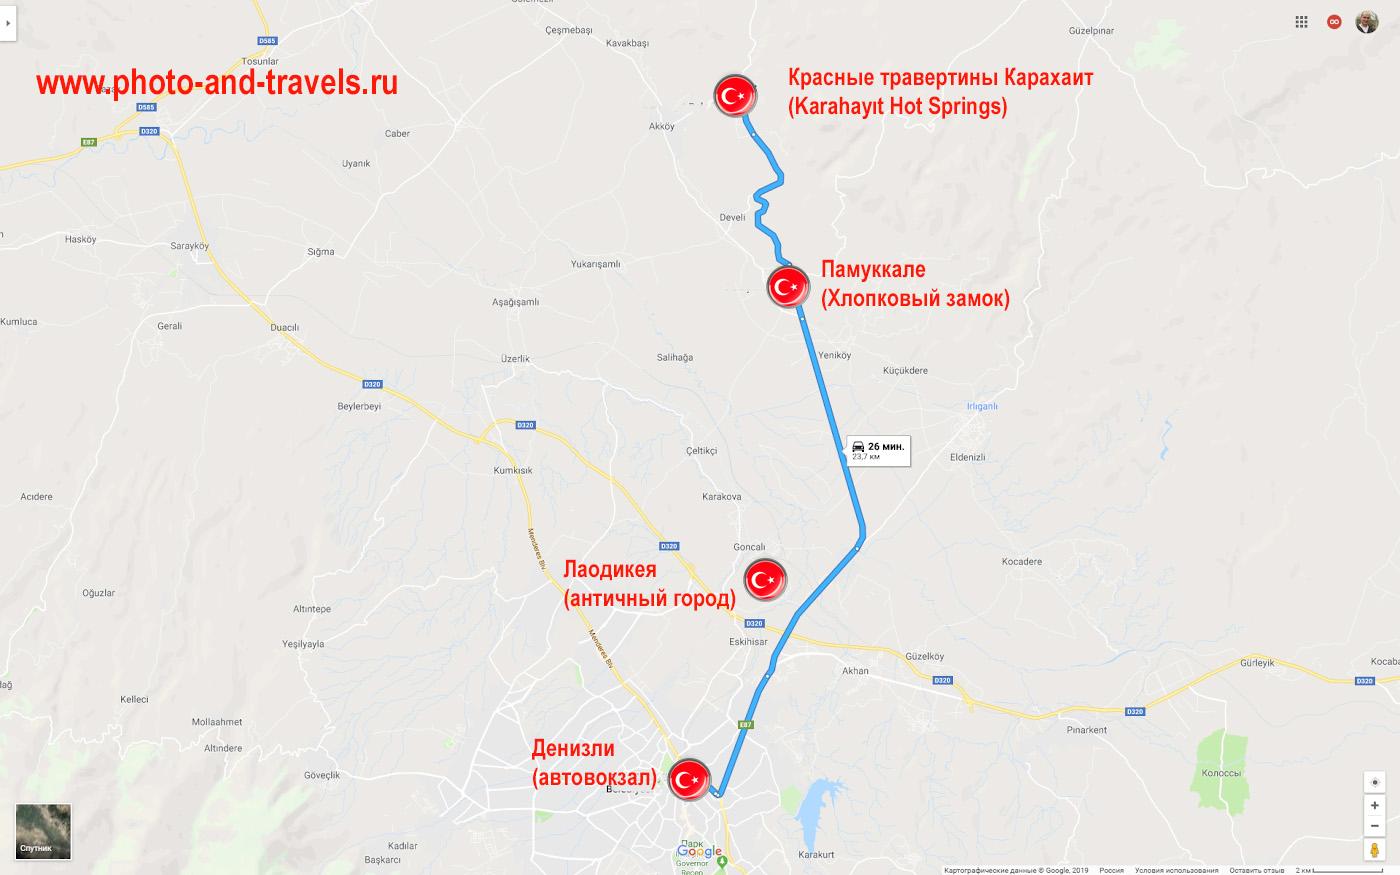 Карта со схемой расположения достопримечательностей в окрестностях города Денизли (Denizli): античный город Лаодикея, термальные источники Памуккале и Карахаит.